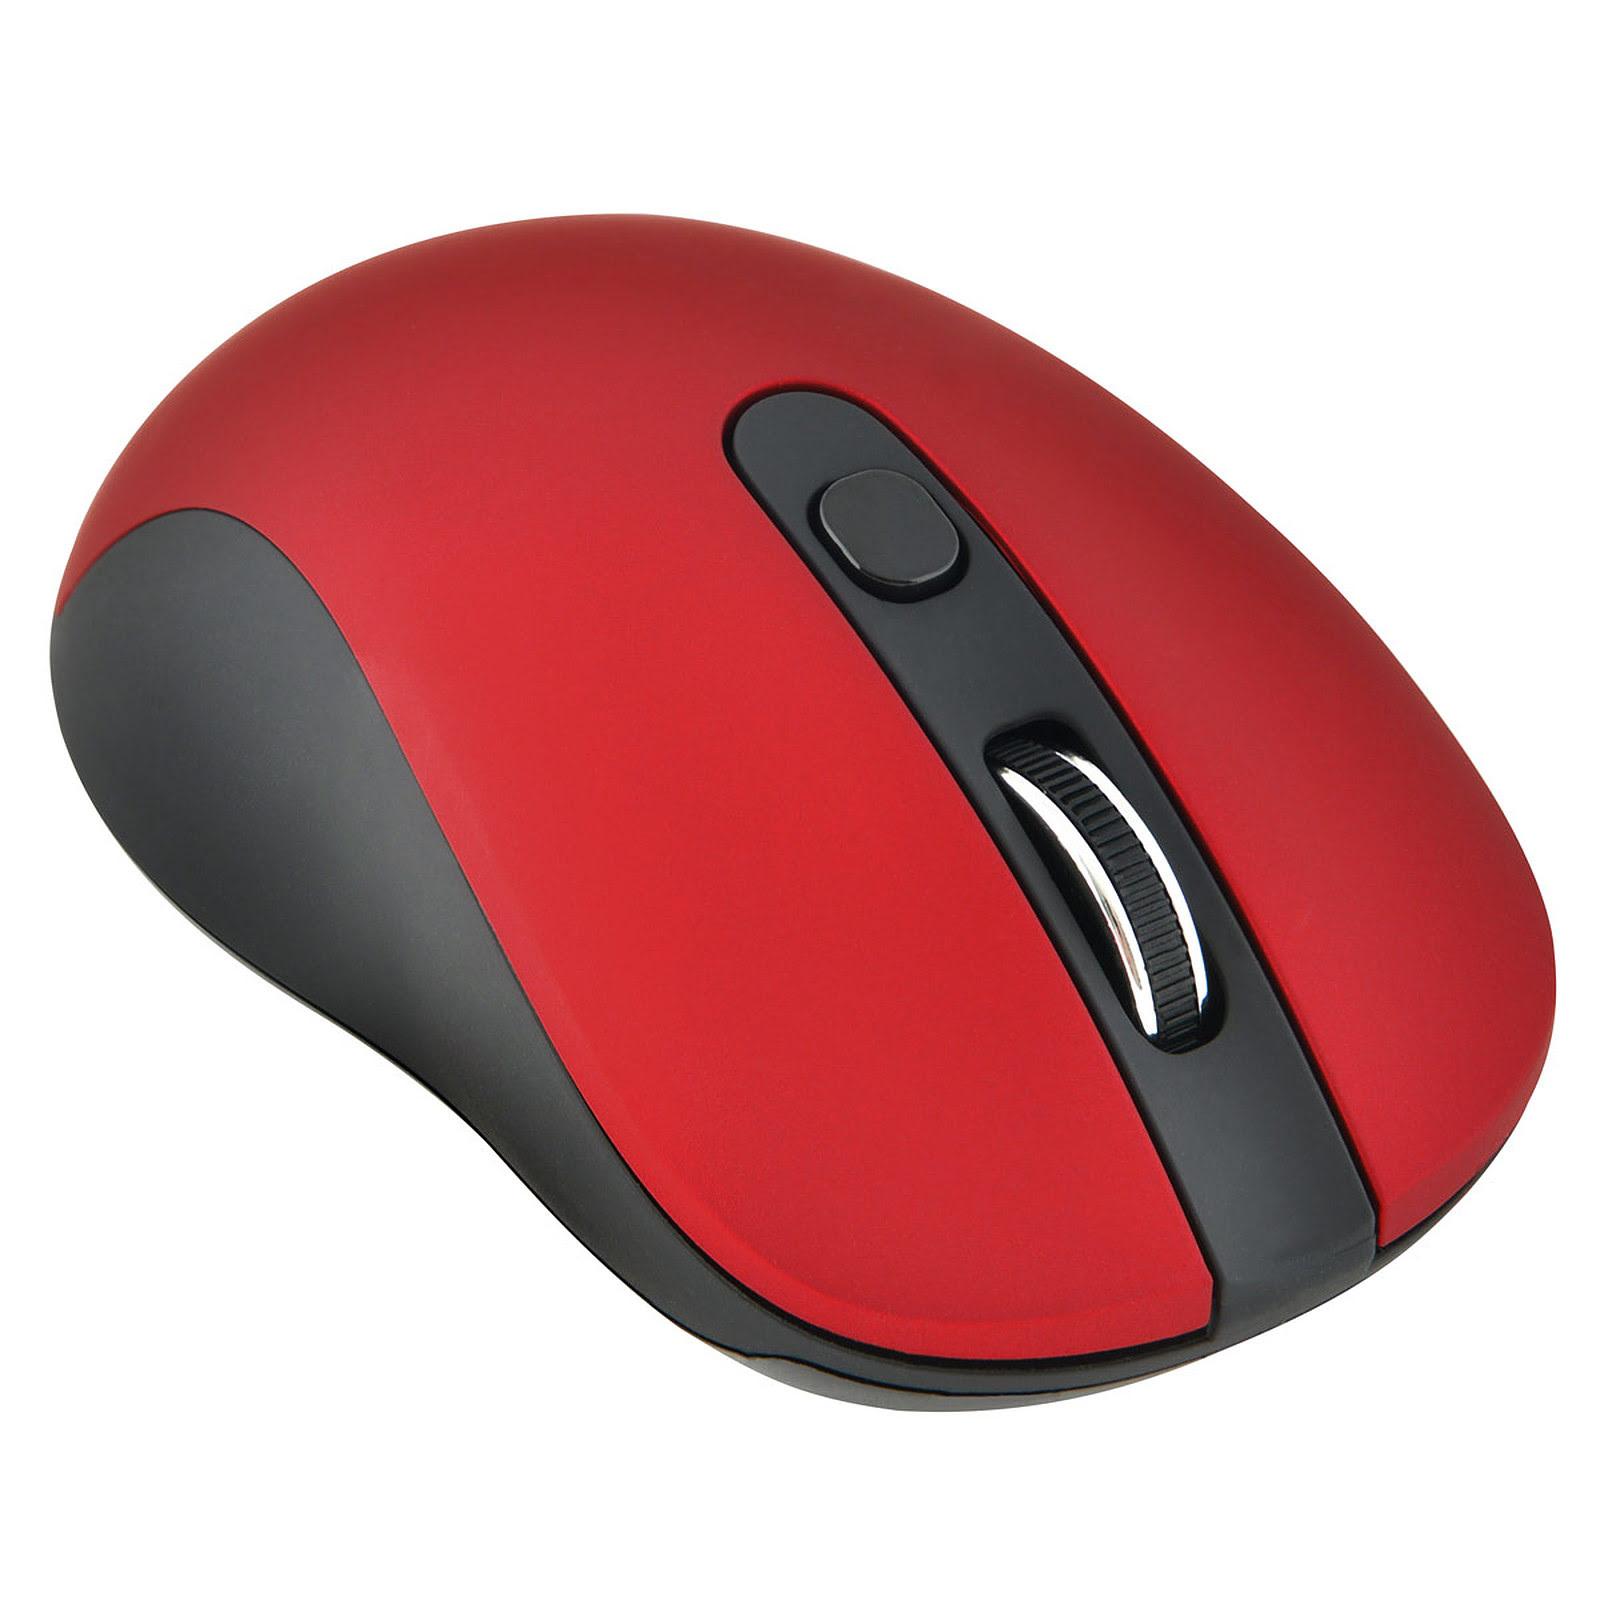 Bluestork M-WL-OFF60-RED - Souris PC Bluestork - Cybertek.fr - 1